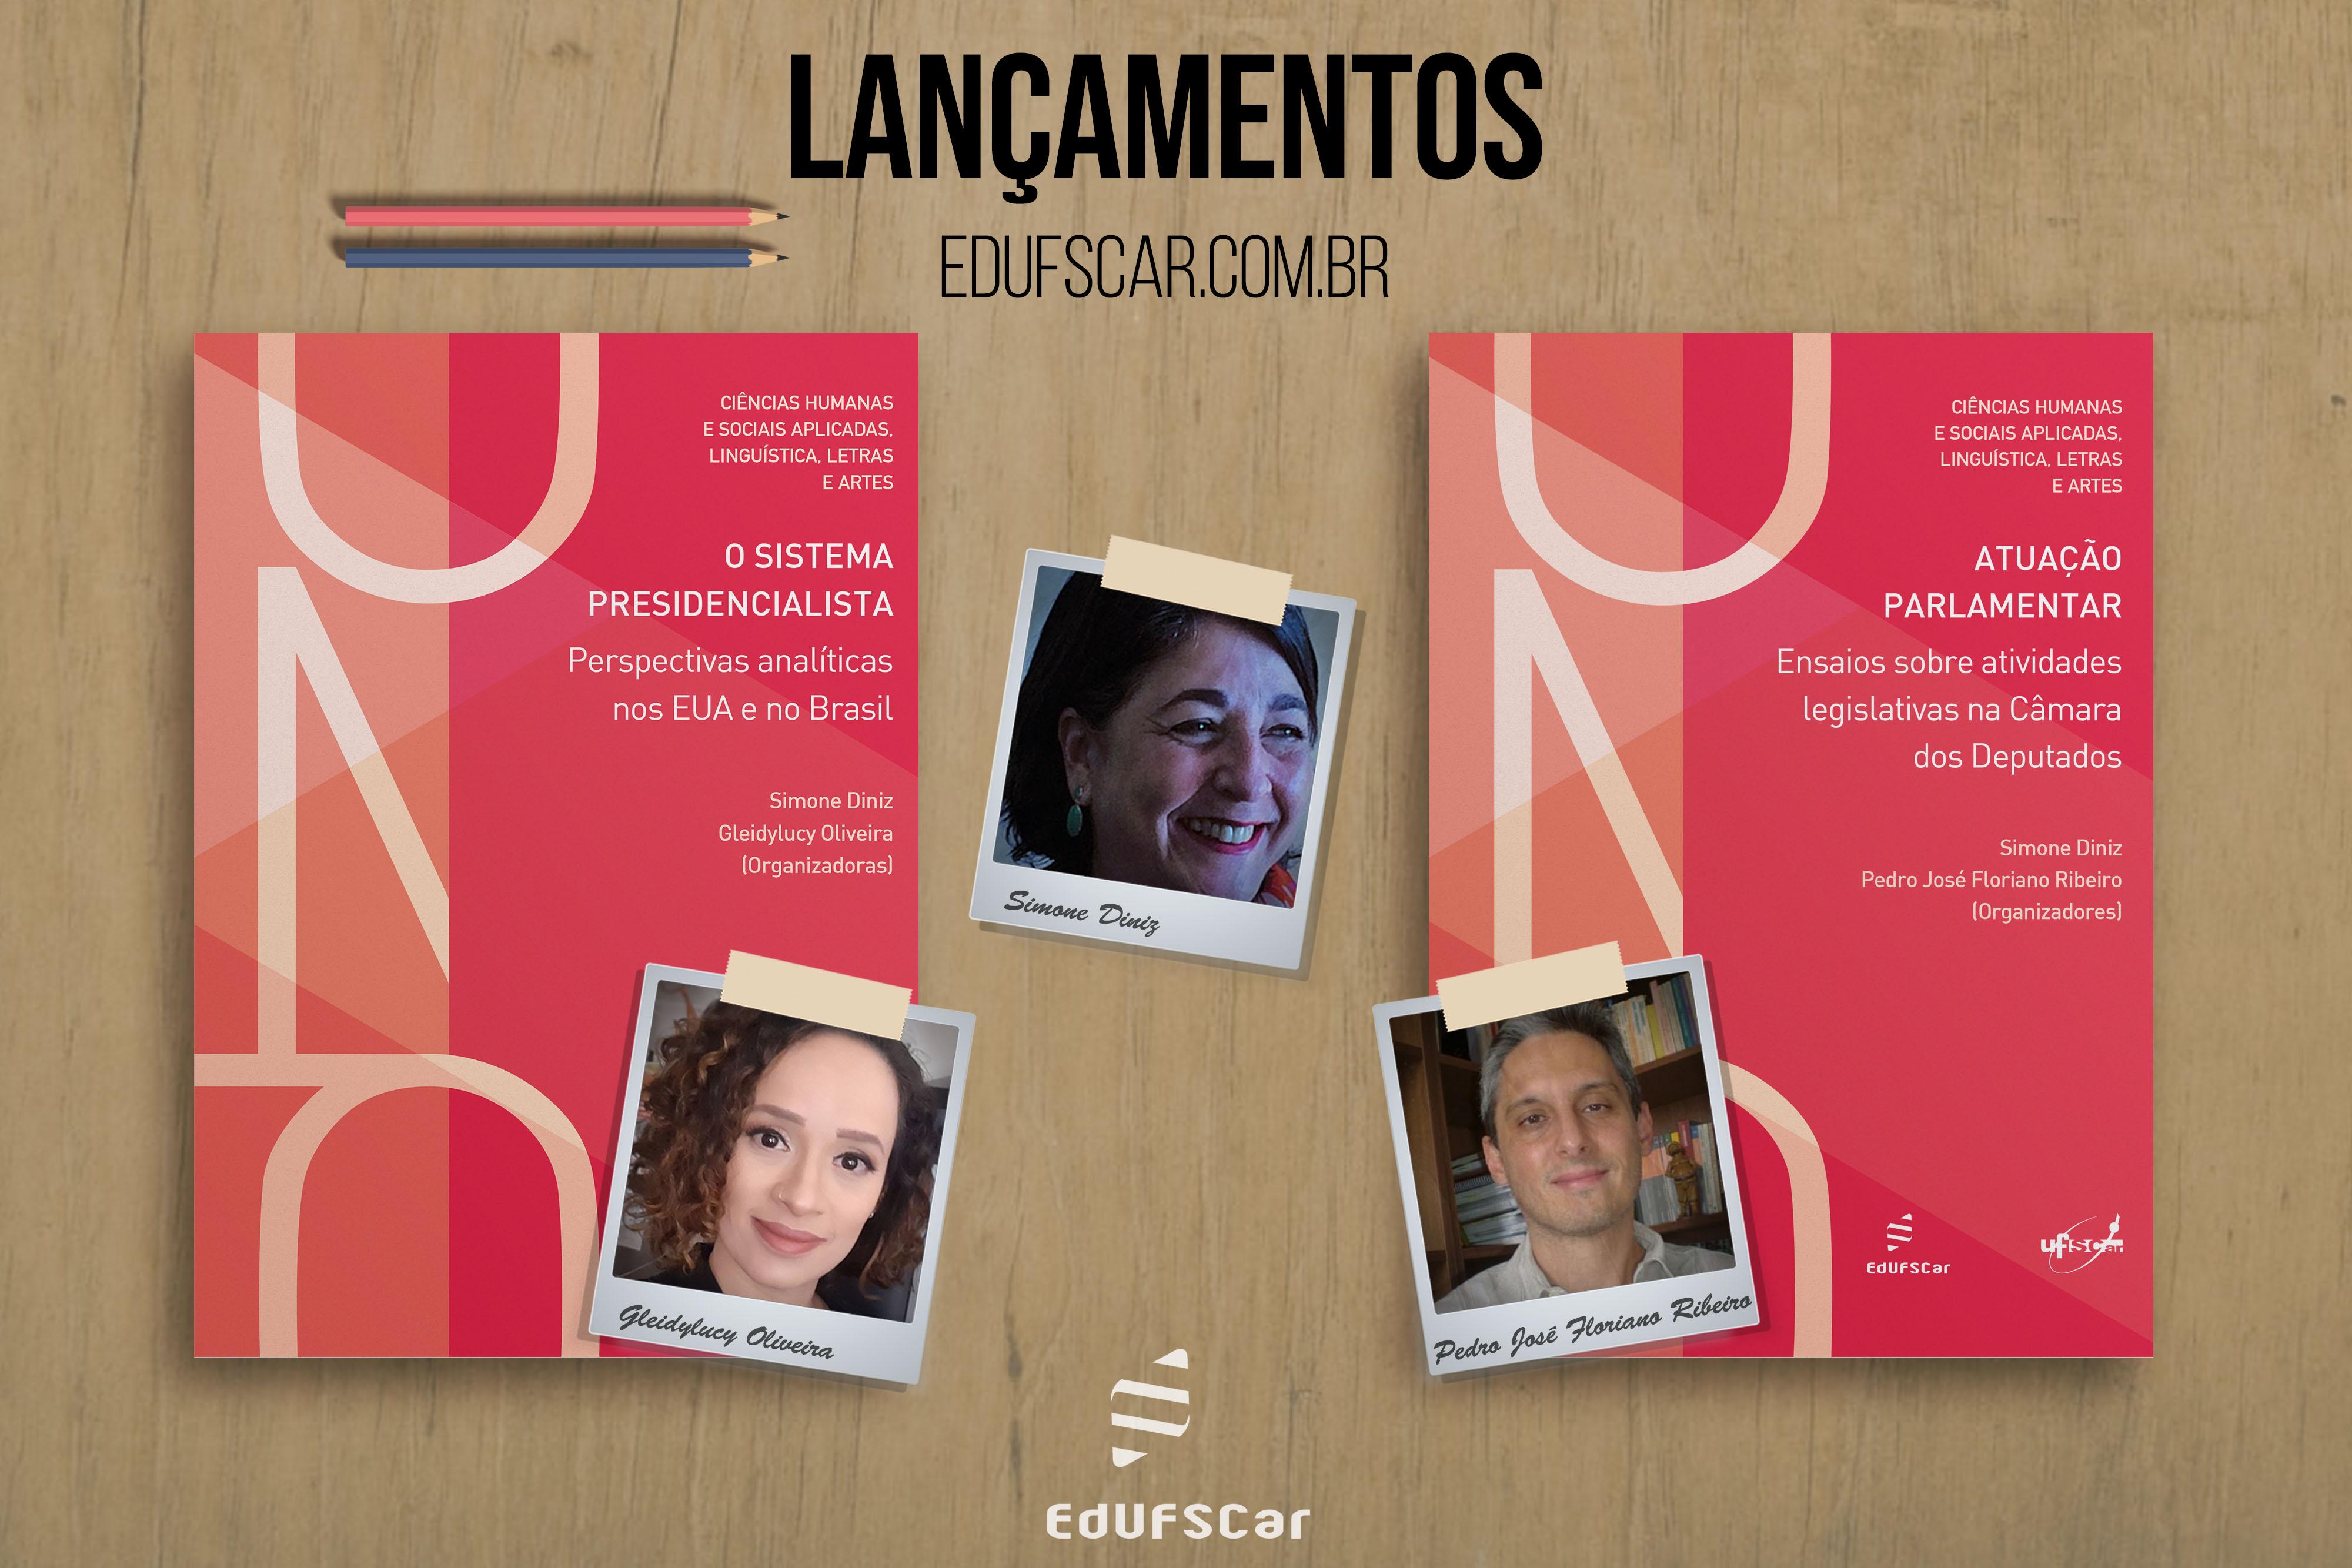 Docentes lançam livros sobre presidencialismo e atuação parlamentar